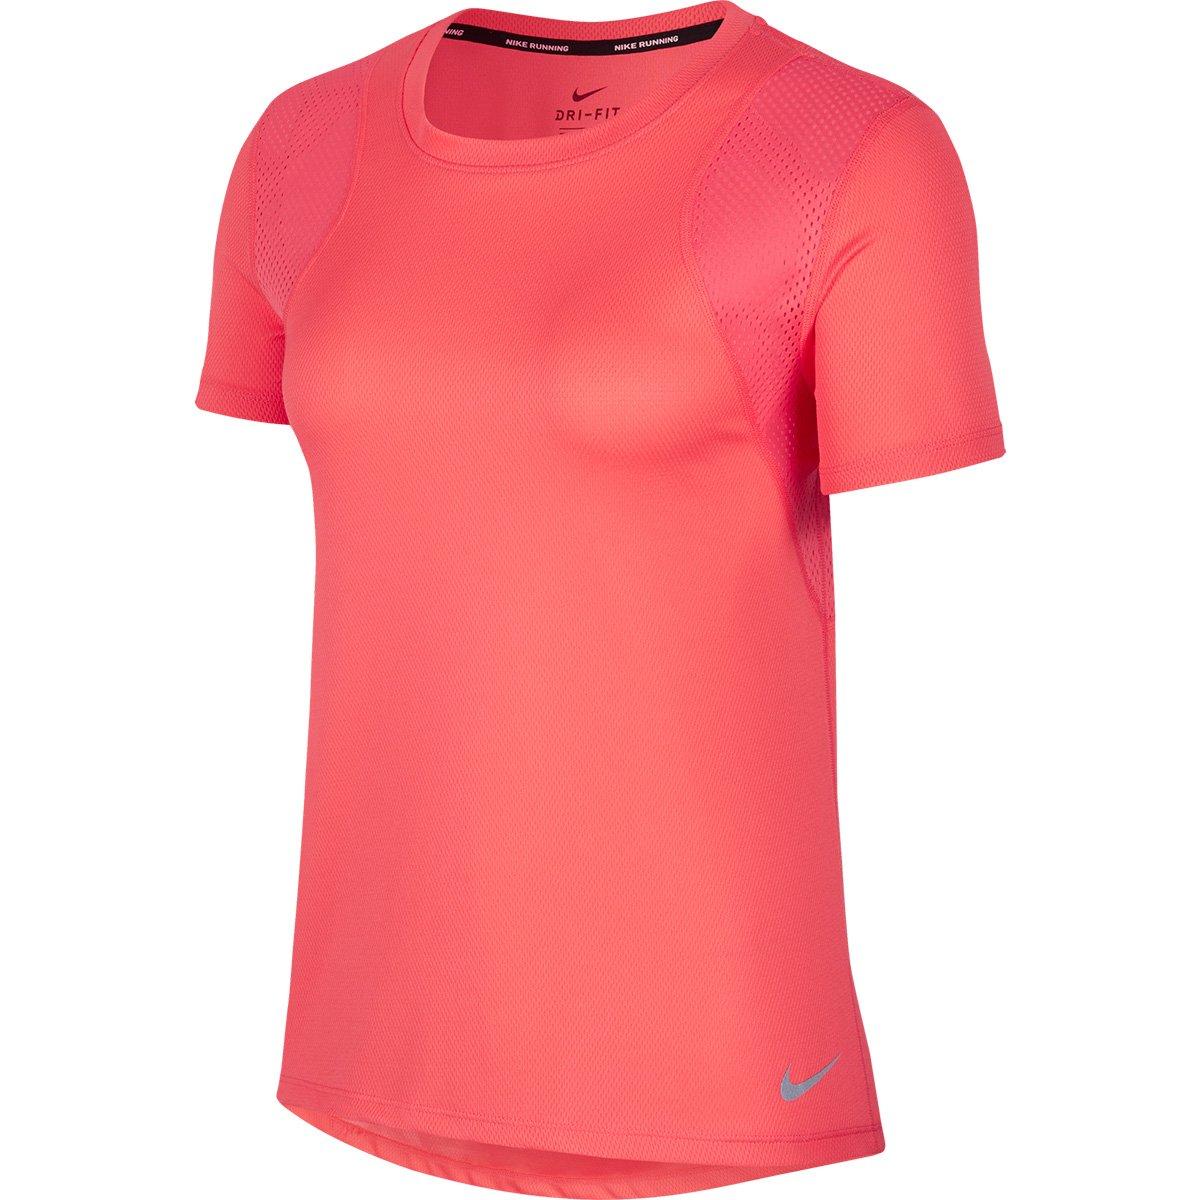 modelado duradero 60% barato amplia selección de colores y diseños Camiseta Nike Dri-Fit Run Feminina - Pink